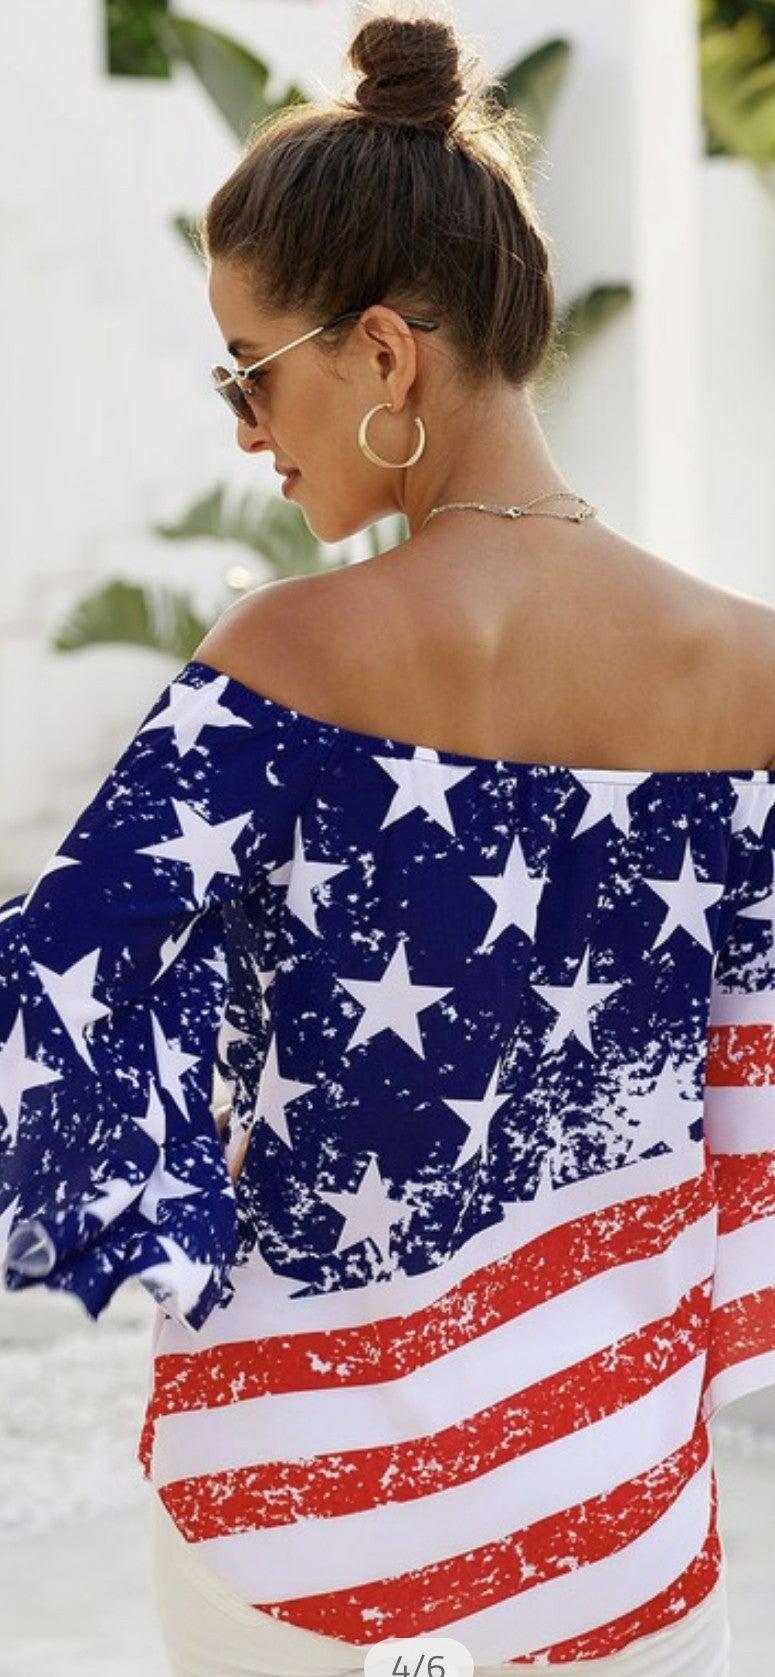 USA Baby Top